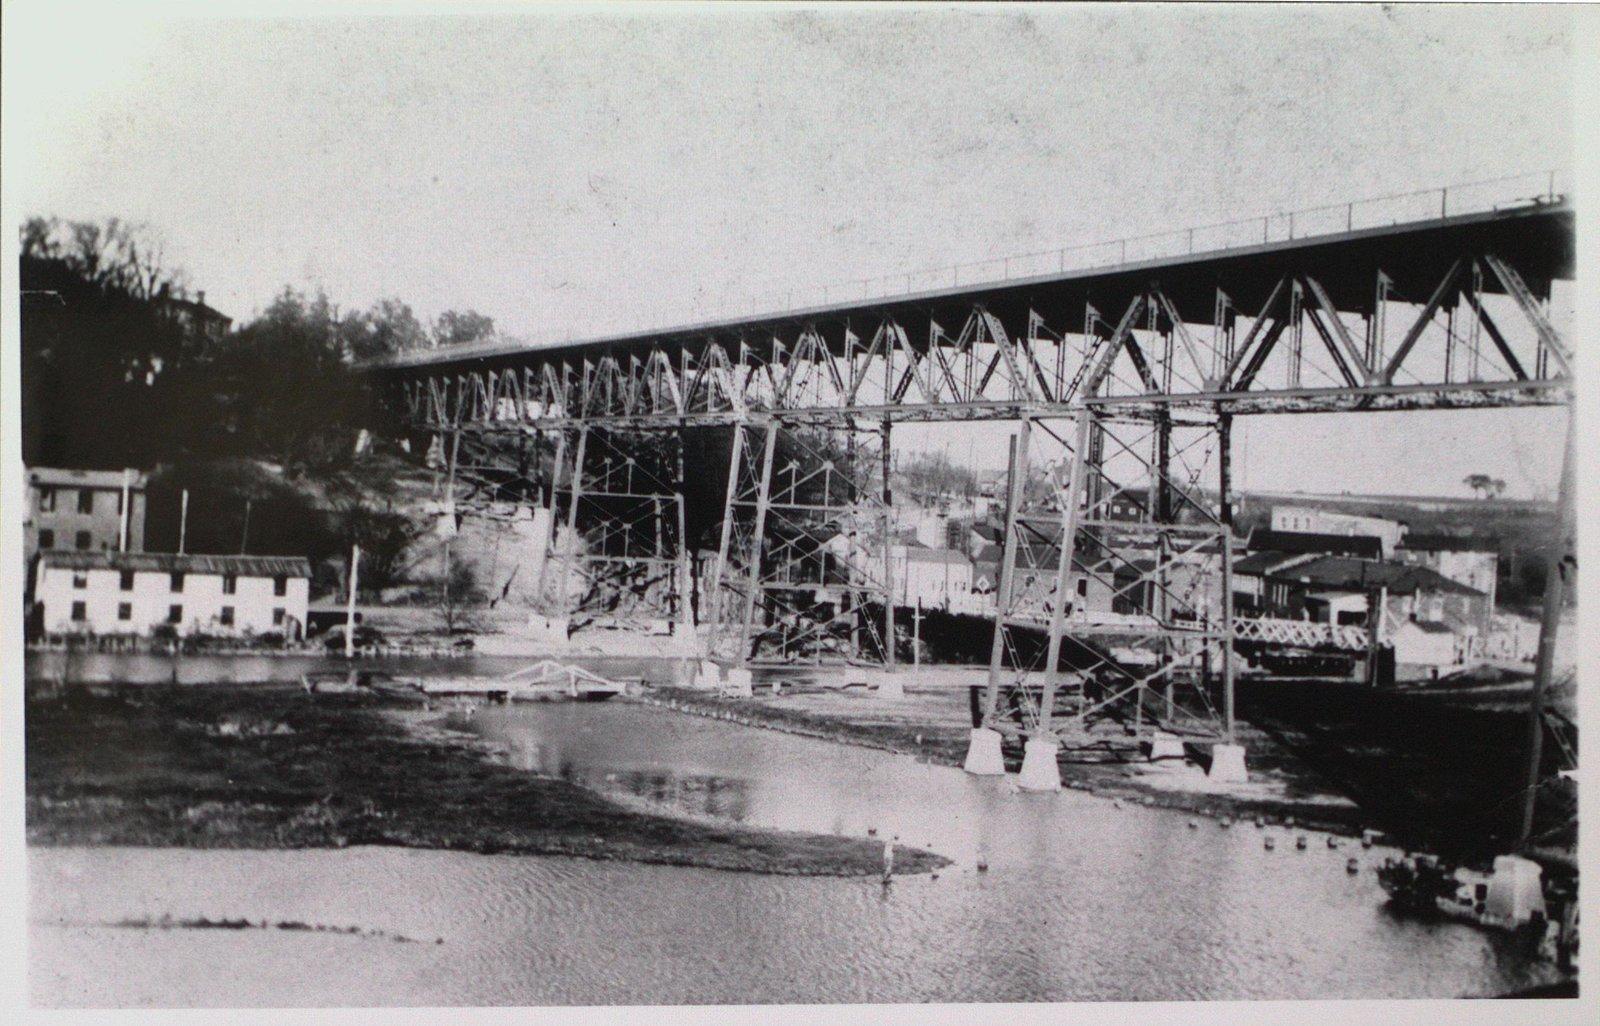 Burgoyne Bridge